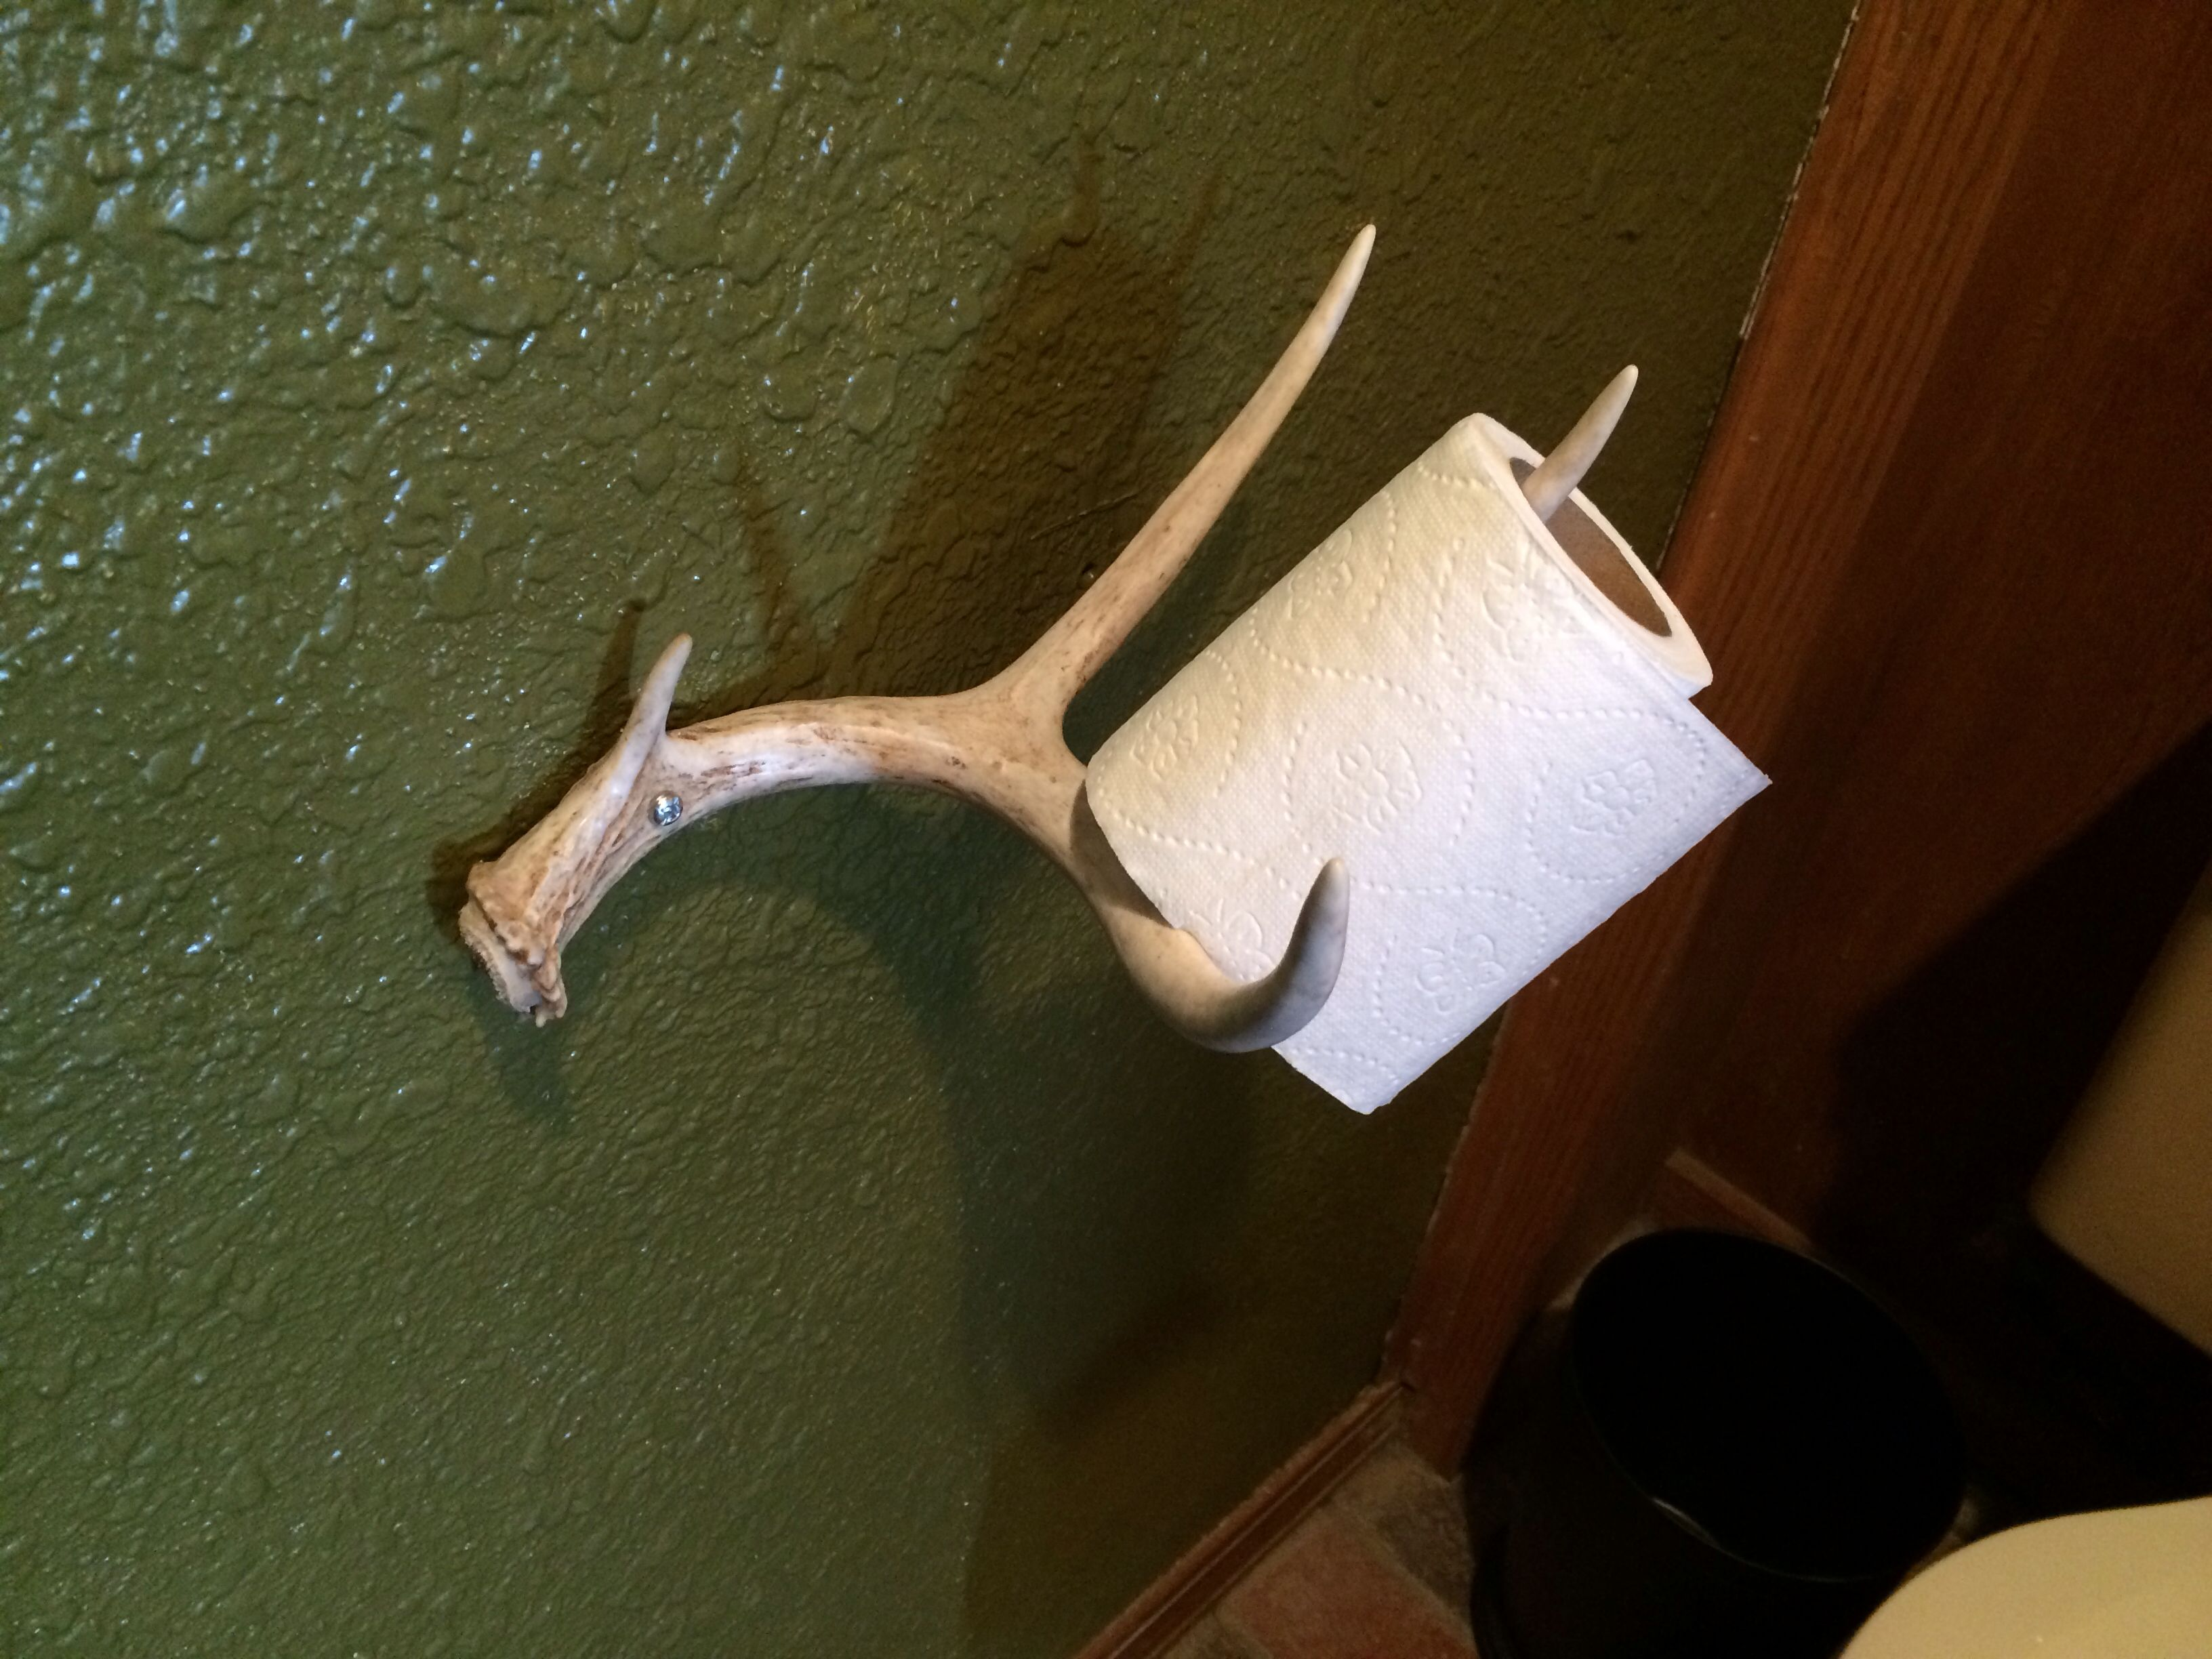 Deer Antler Toilet Paper Holder - Shed, Sheds, Antlers